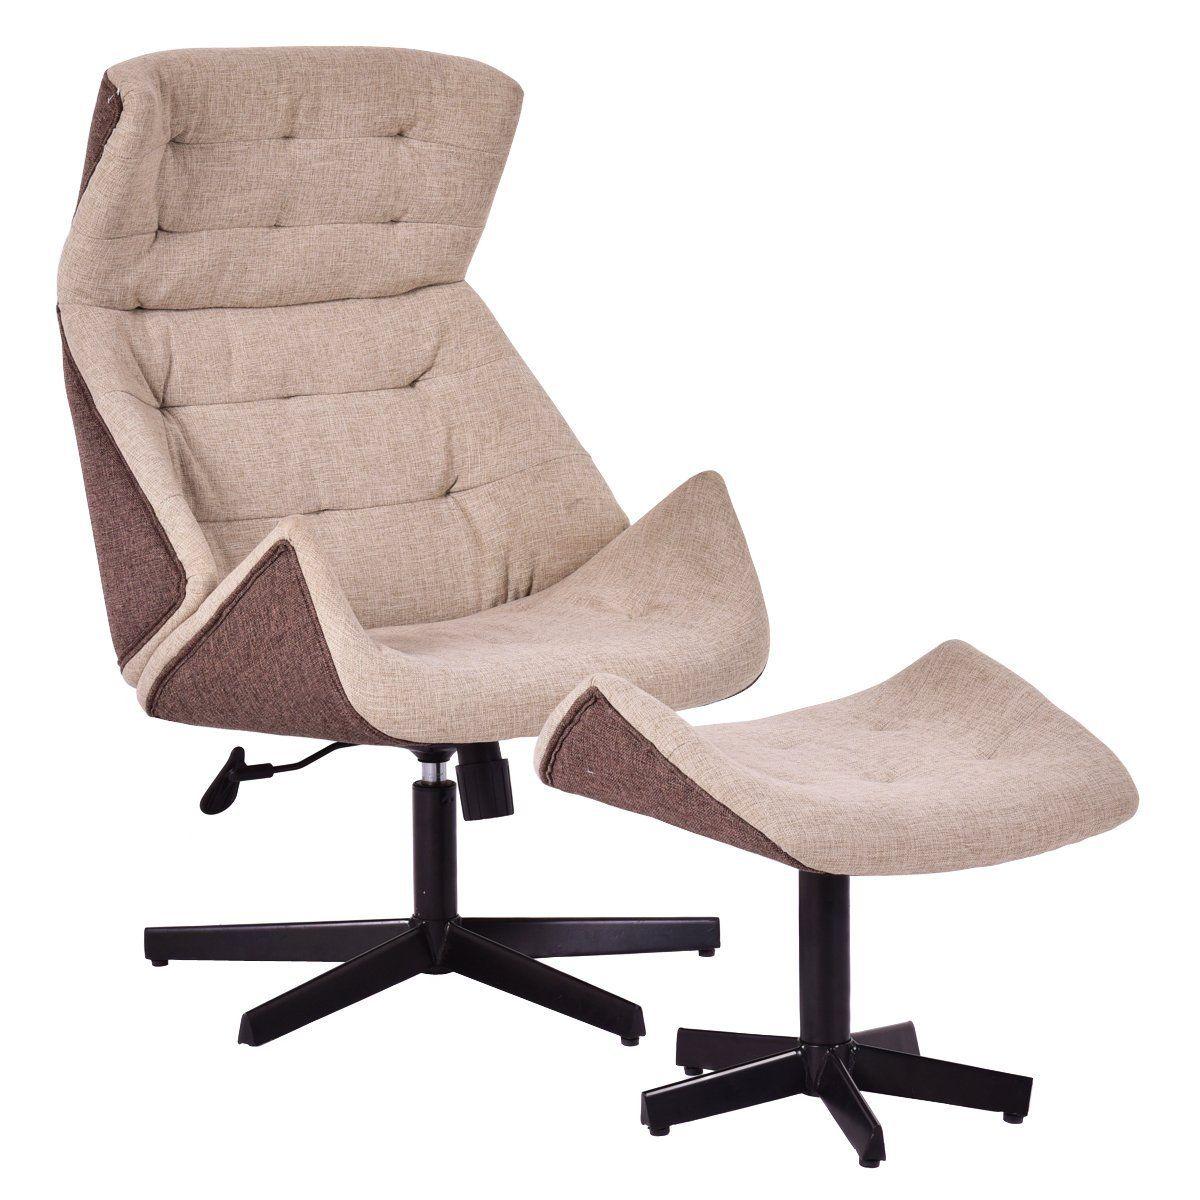 Giantex executive chair lounge leisure chair